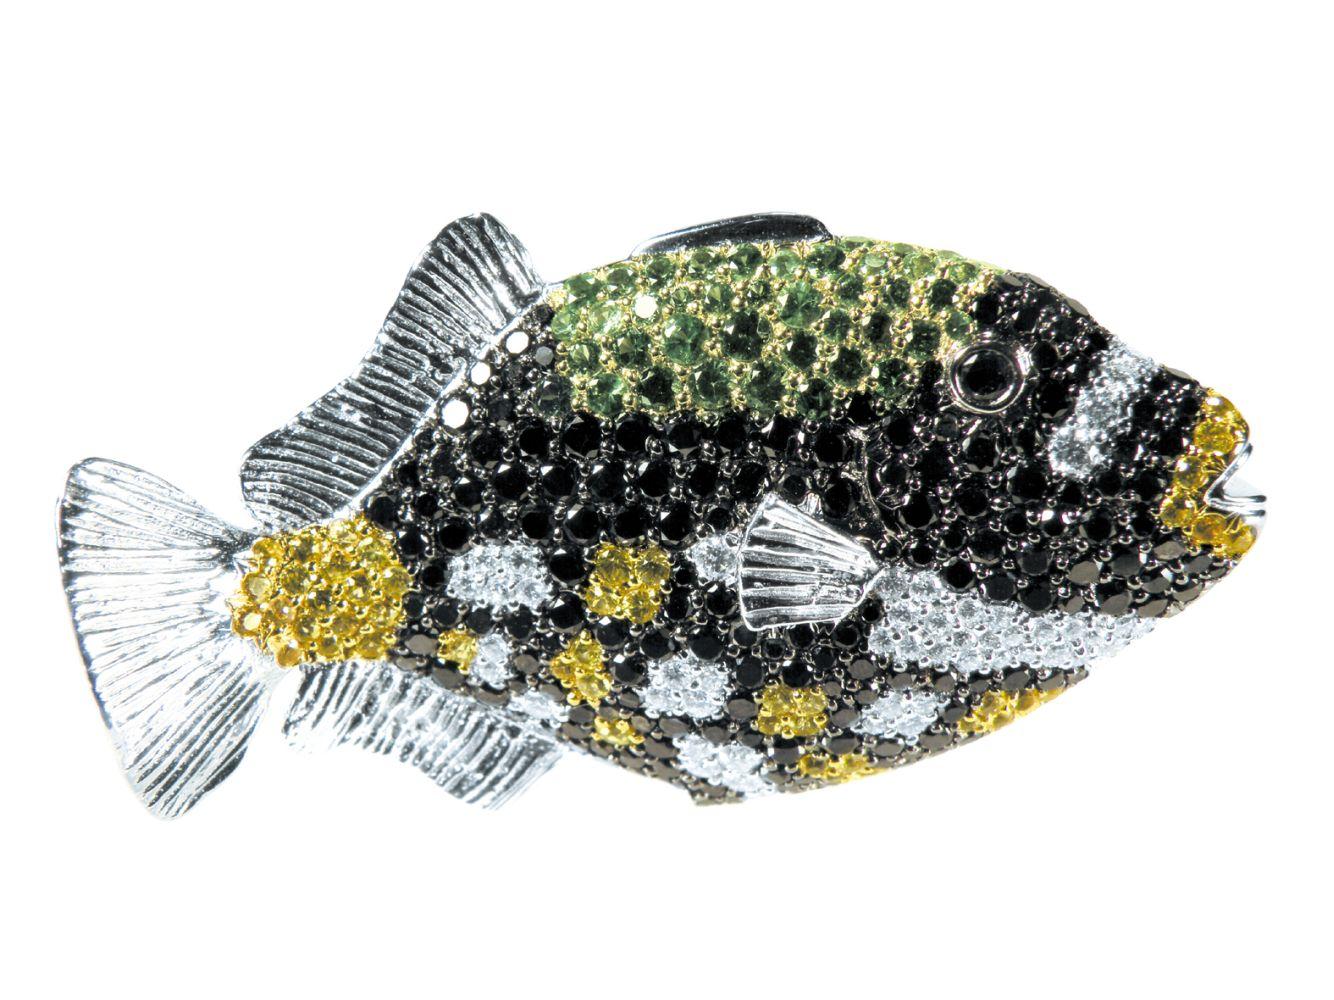 #20 Fish Brooch | Fisch-Brosche Image